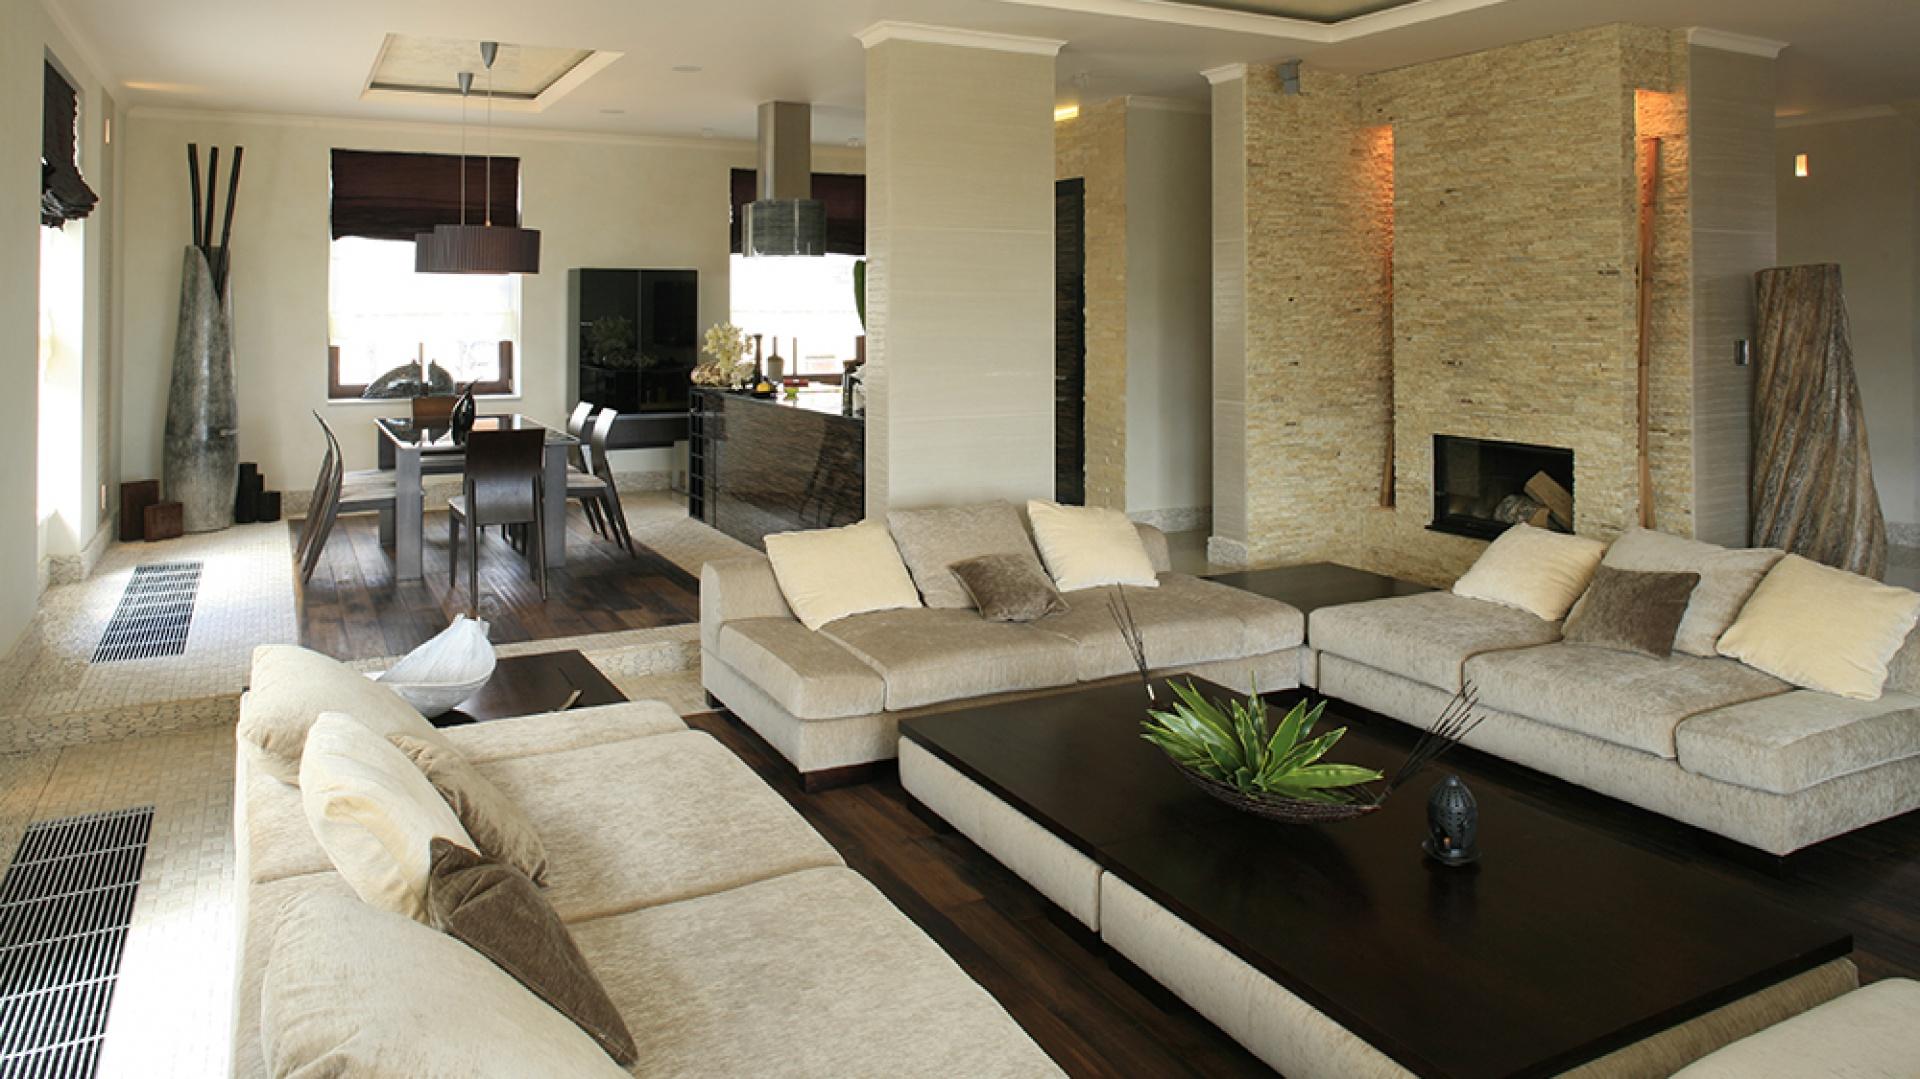 Przyjazny klimat wnętrza to w dużej mierze zasługa użytych materiałów: okazały kominek został obłożony drobnym łupkiem piaskowca, zaś podłogę wyłożono częściowo postarzanym litym drewnem egzotycznym (Komfort), a częściowo – indonezyjską, marmurową mozaiką. Fot. Bartosz Jarosz.